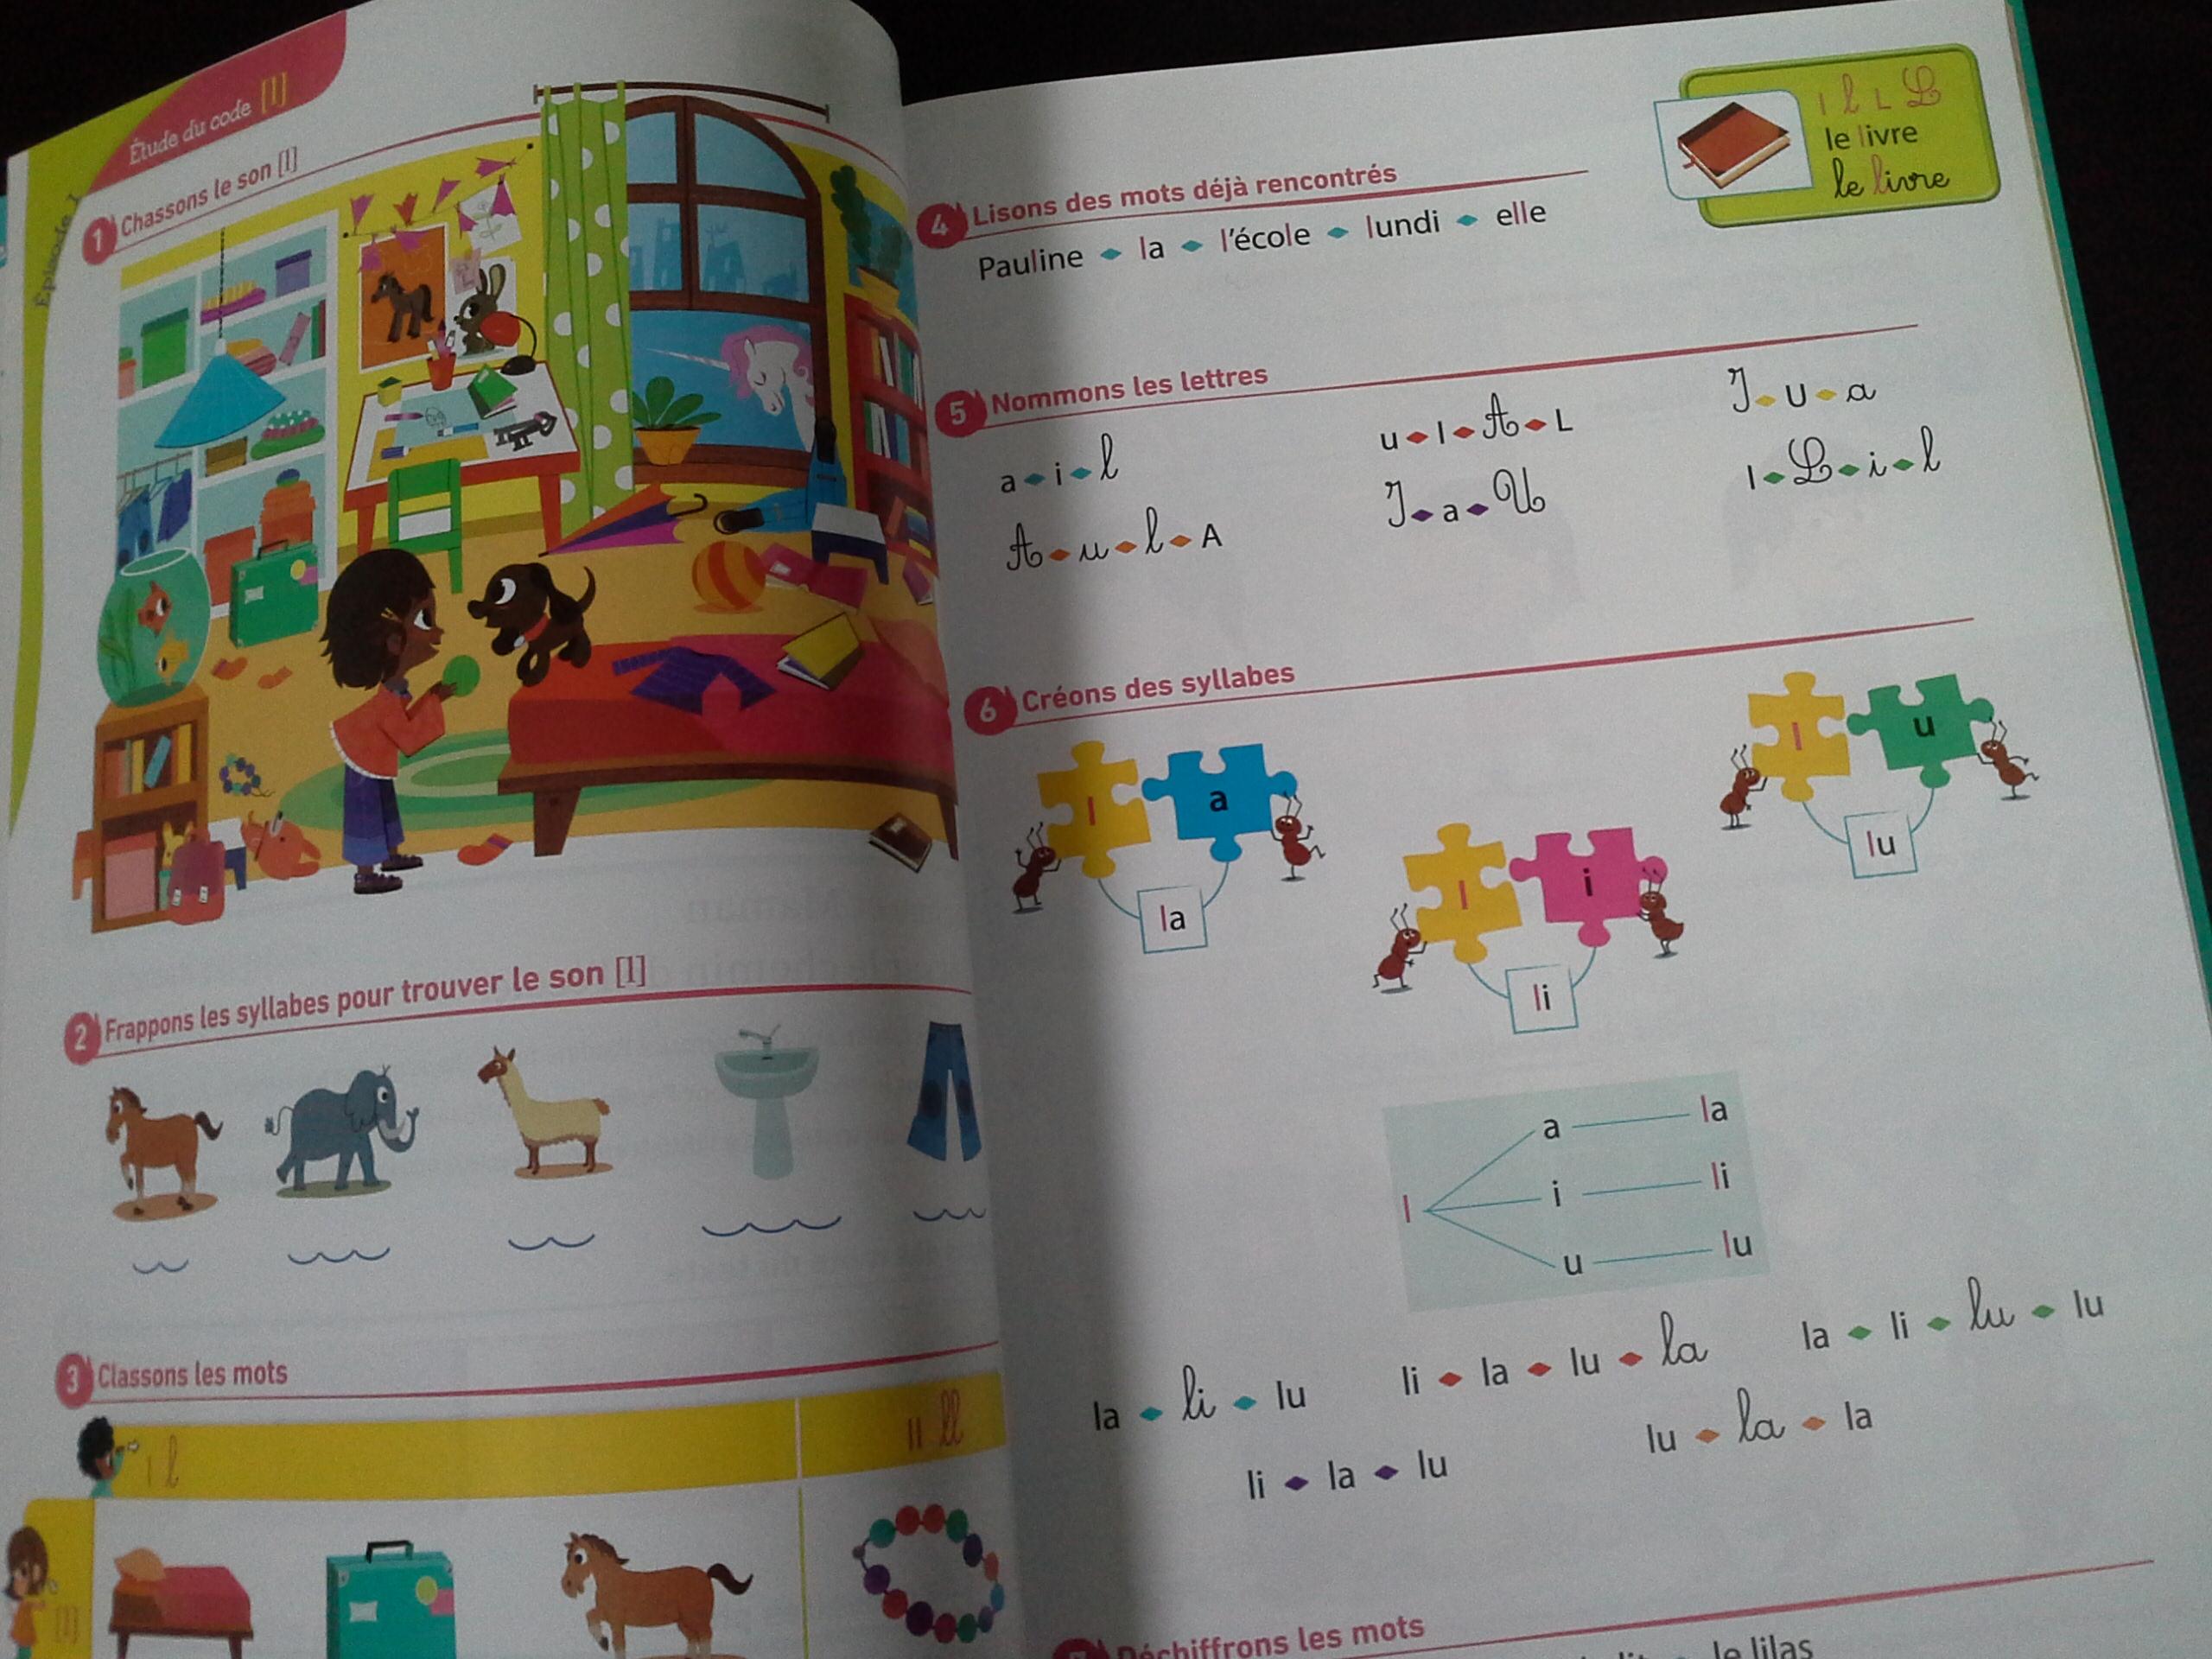 Gut gemocht Les lectures de Sanléane: Méthode de lecture Litournelle ZB43